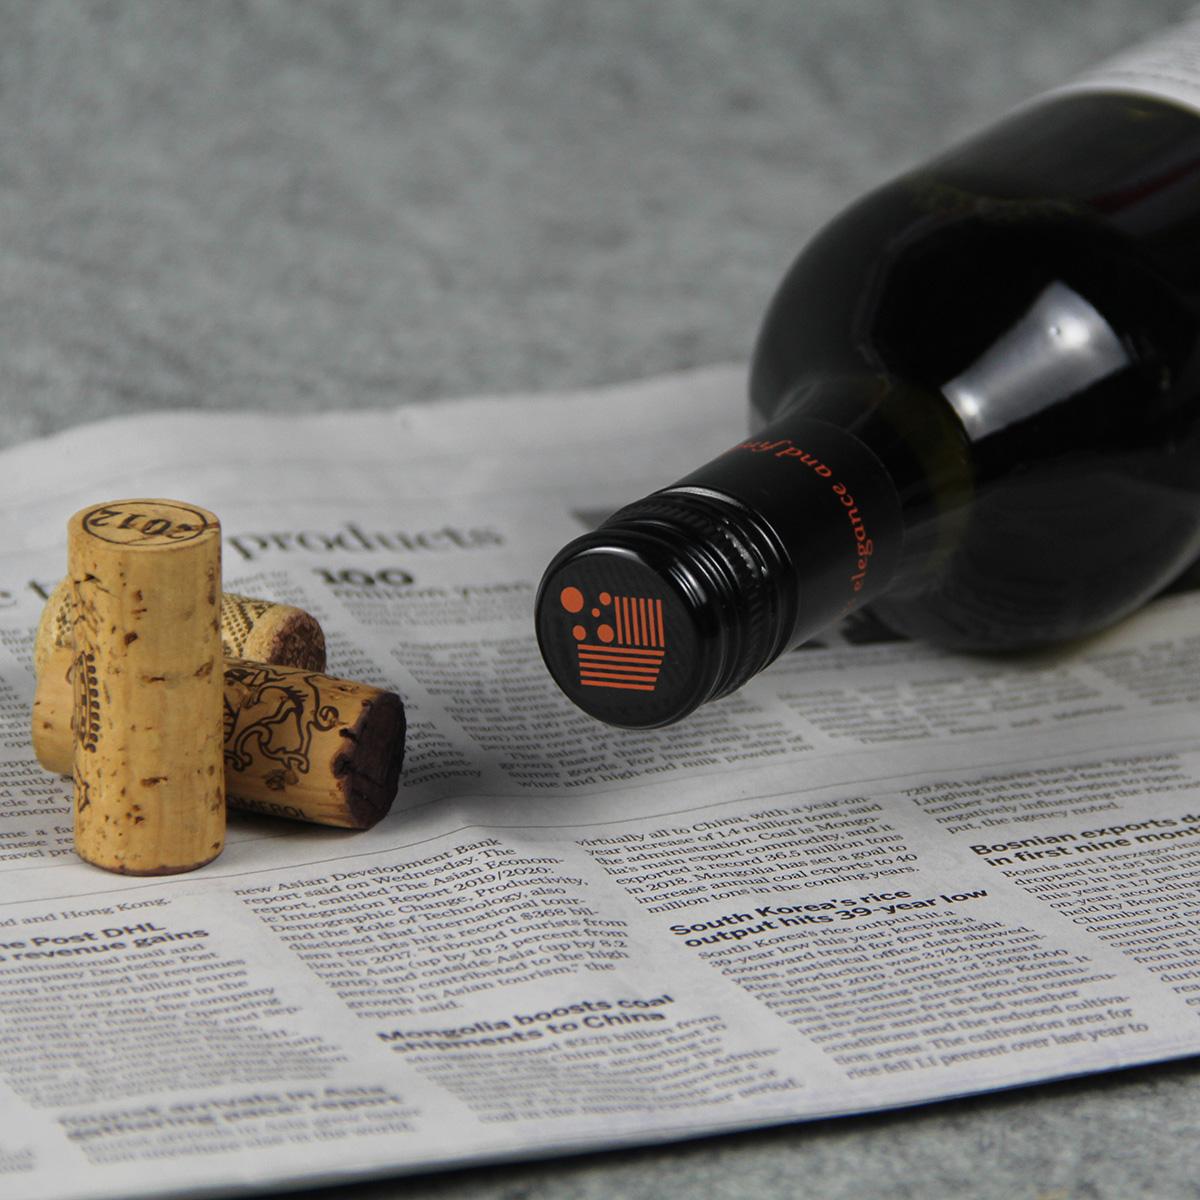 澳大利亚格兰纳特贝尔里奇米尔酒庄华帝露莫吉斯甜白葡萄酒